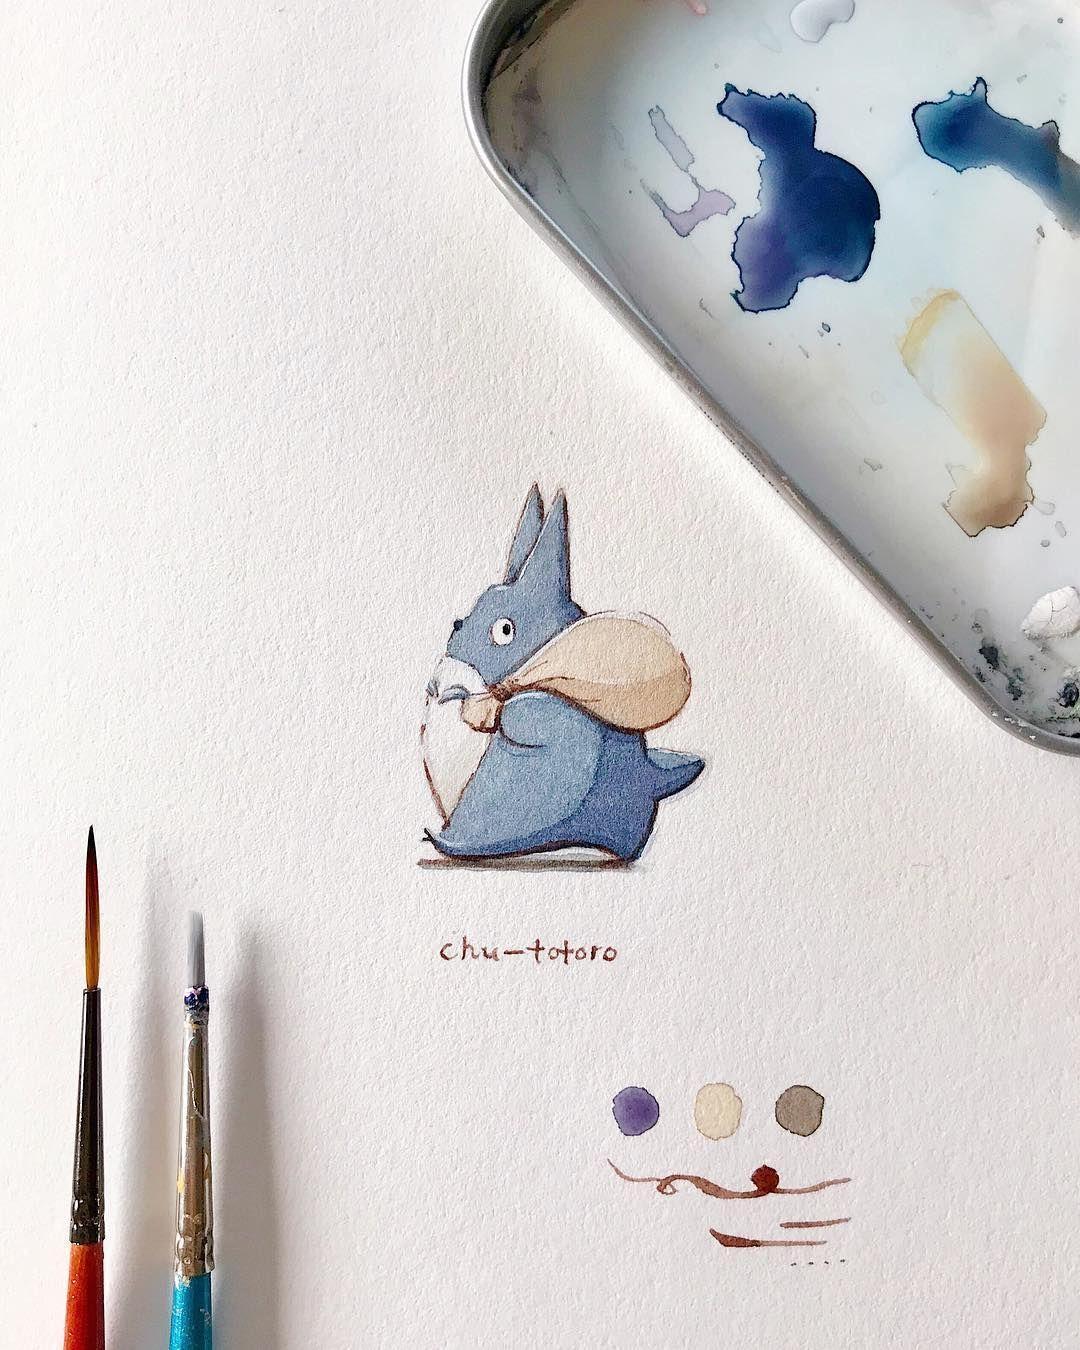 Ghibli Art ジブリアート おしゃれまとめの人気アイデア Pinterest Ghibligoodsfan ジブリグッズファン 画像あり トトロ かわいい トトロ ジブリ イラスト